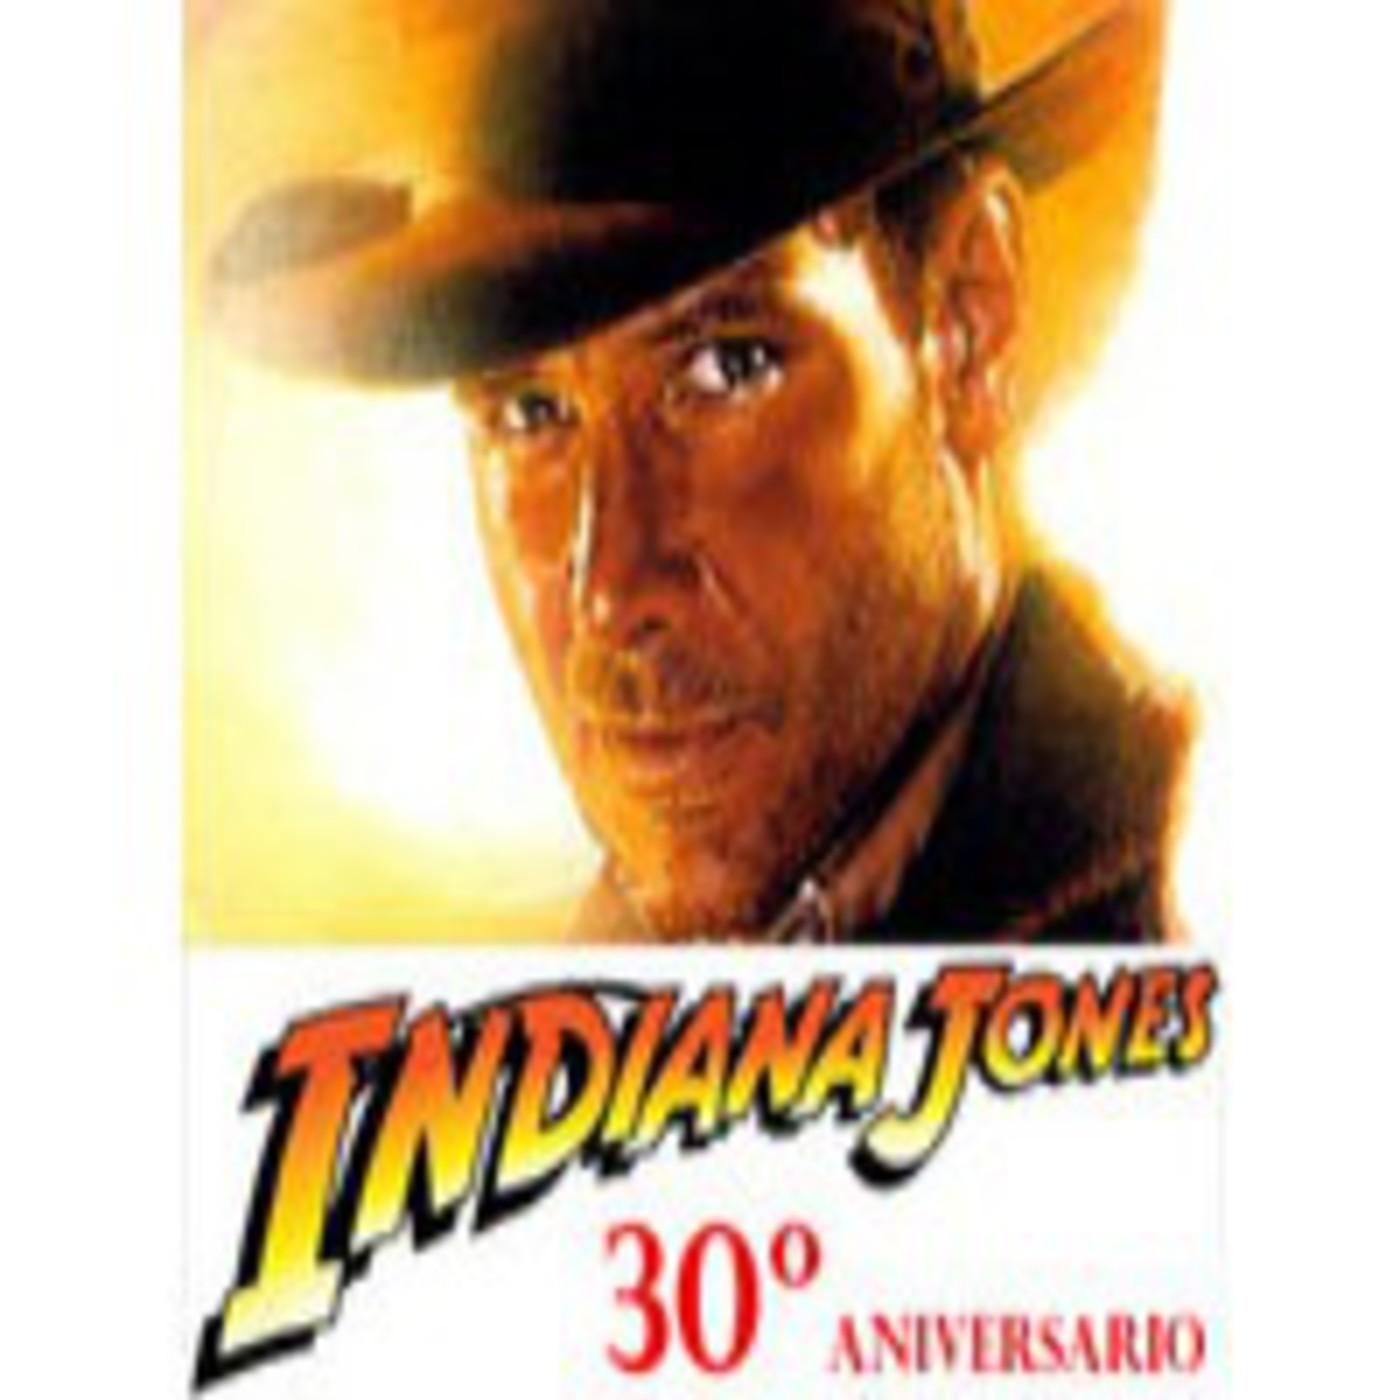 LODE 1x25 INDIANA JONES especial 30º aniversario en La Órbita De Endor -  podcast- en mp3(10 06 a las 08 25 53) 02 03 40 691821 - iVoox bcaefd642eb